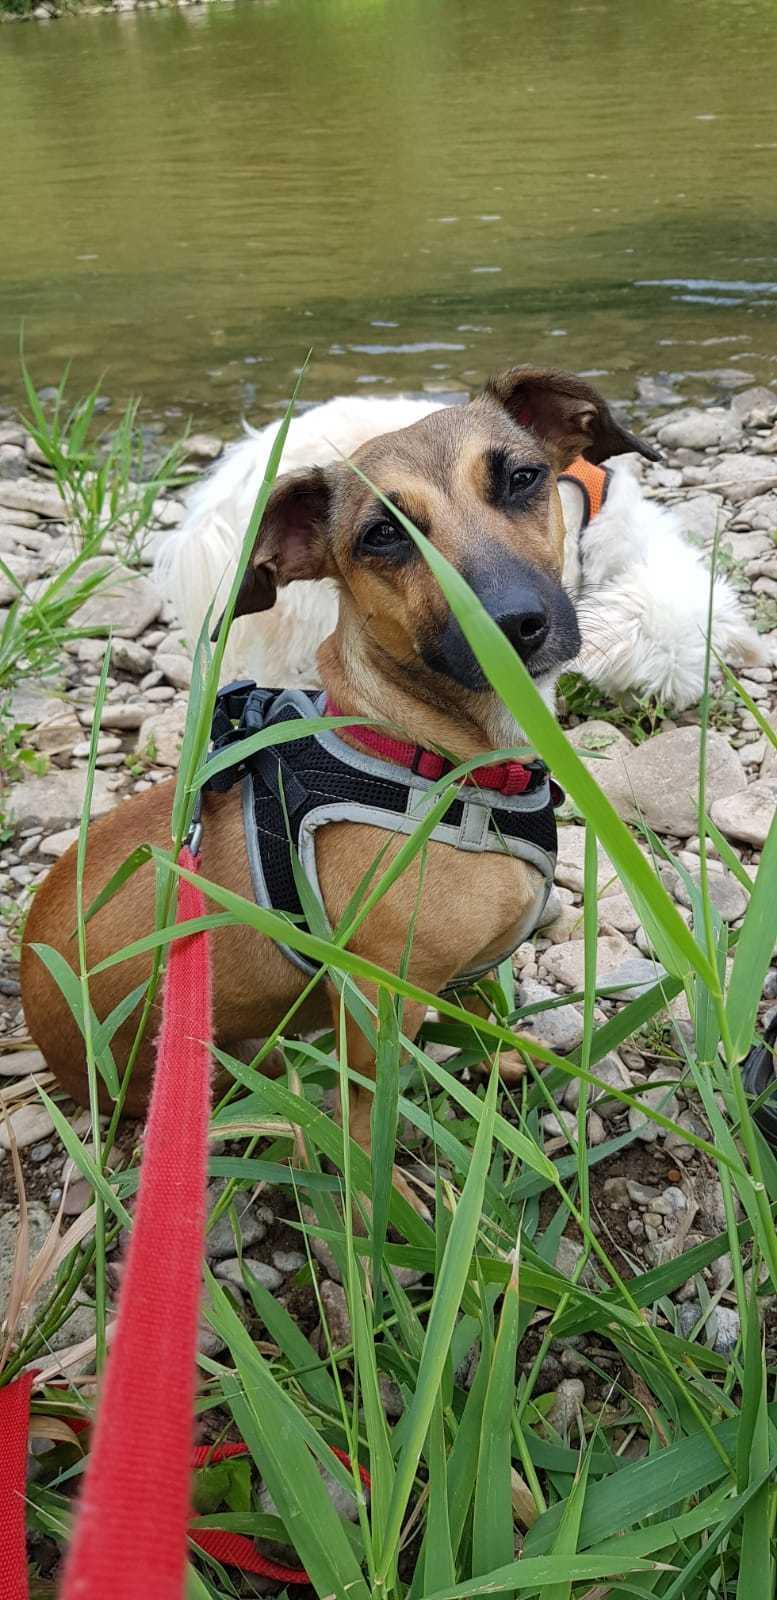 Bildertagebuch - LUNA wurde als Schmusehund angeschafft - VERMITTELT - 38425492at